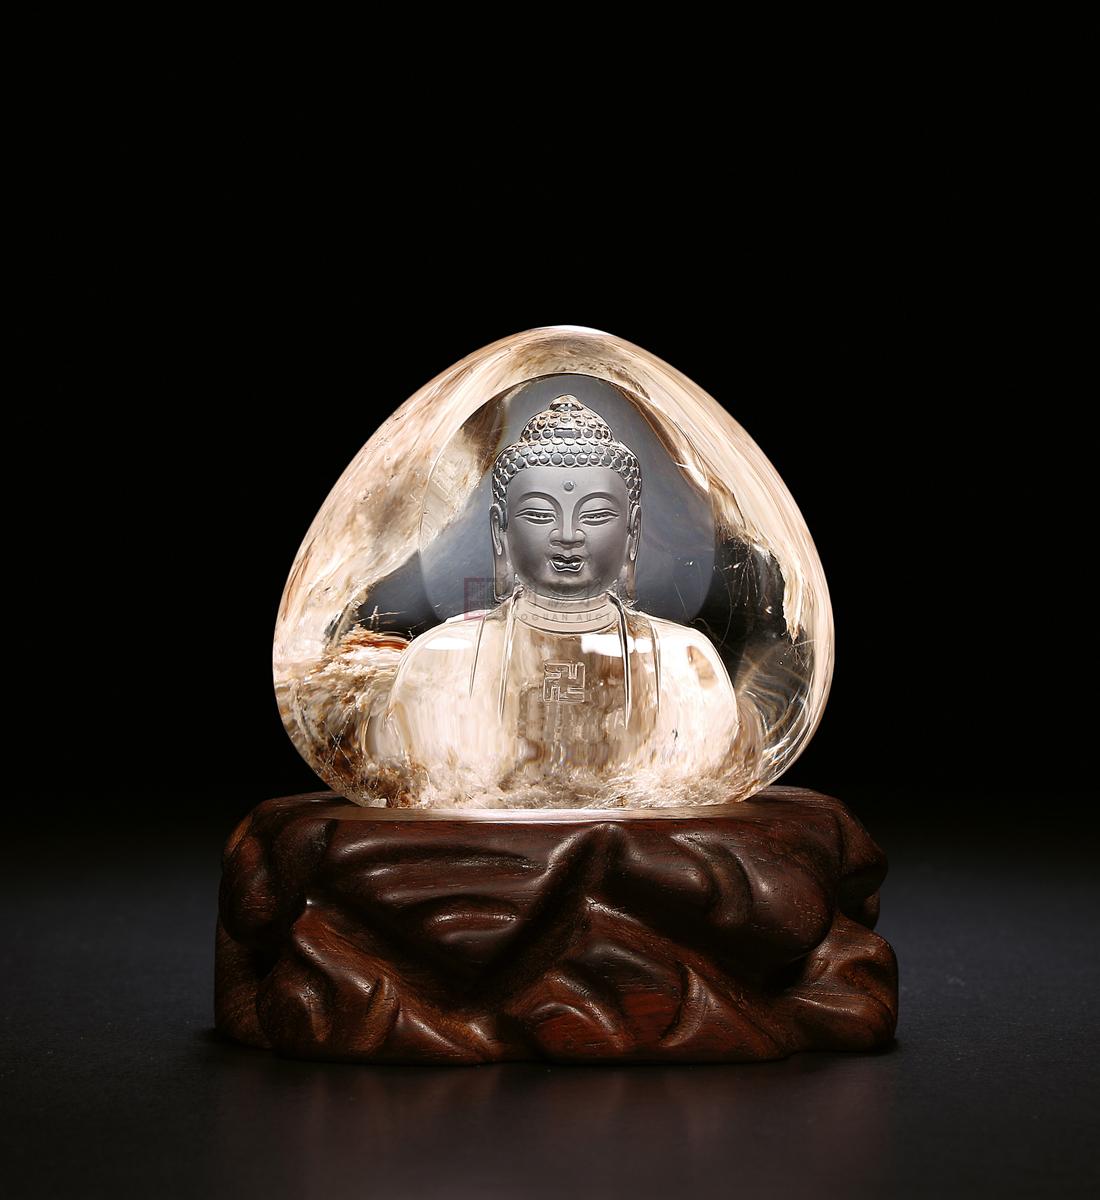 艺术珍宝- 水晶雕刻    3 - h_x_y_123456 - 何晓昱的艺术博客